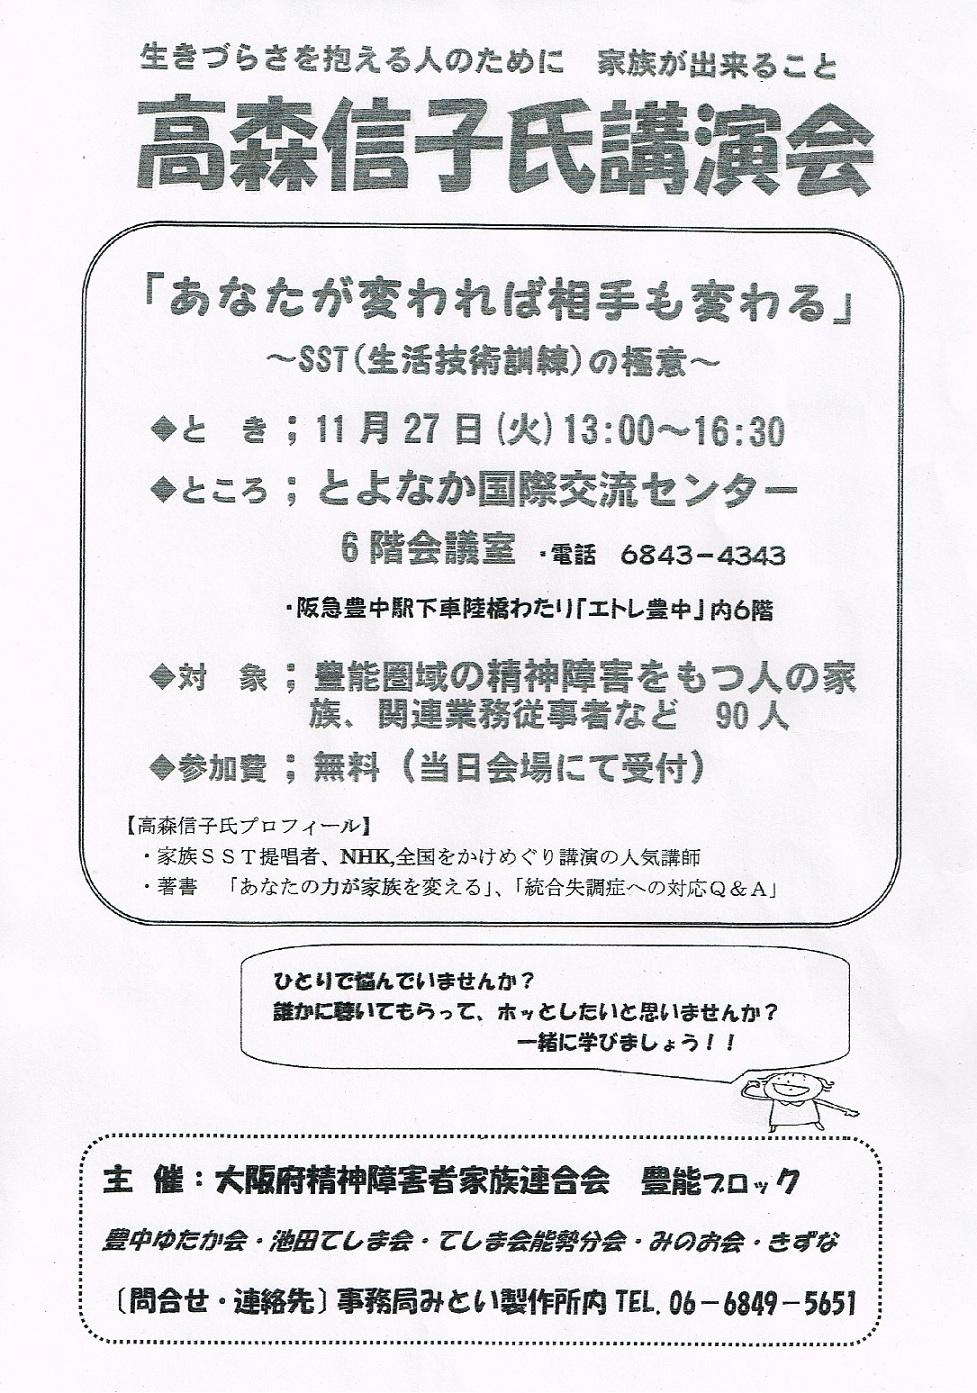 20121127高森信子講演会